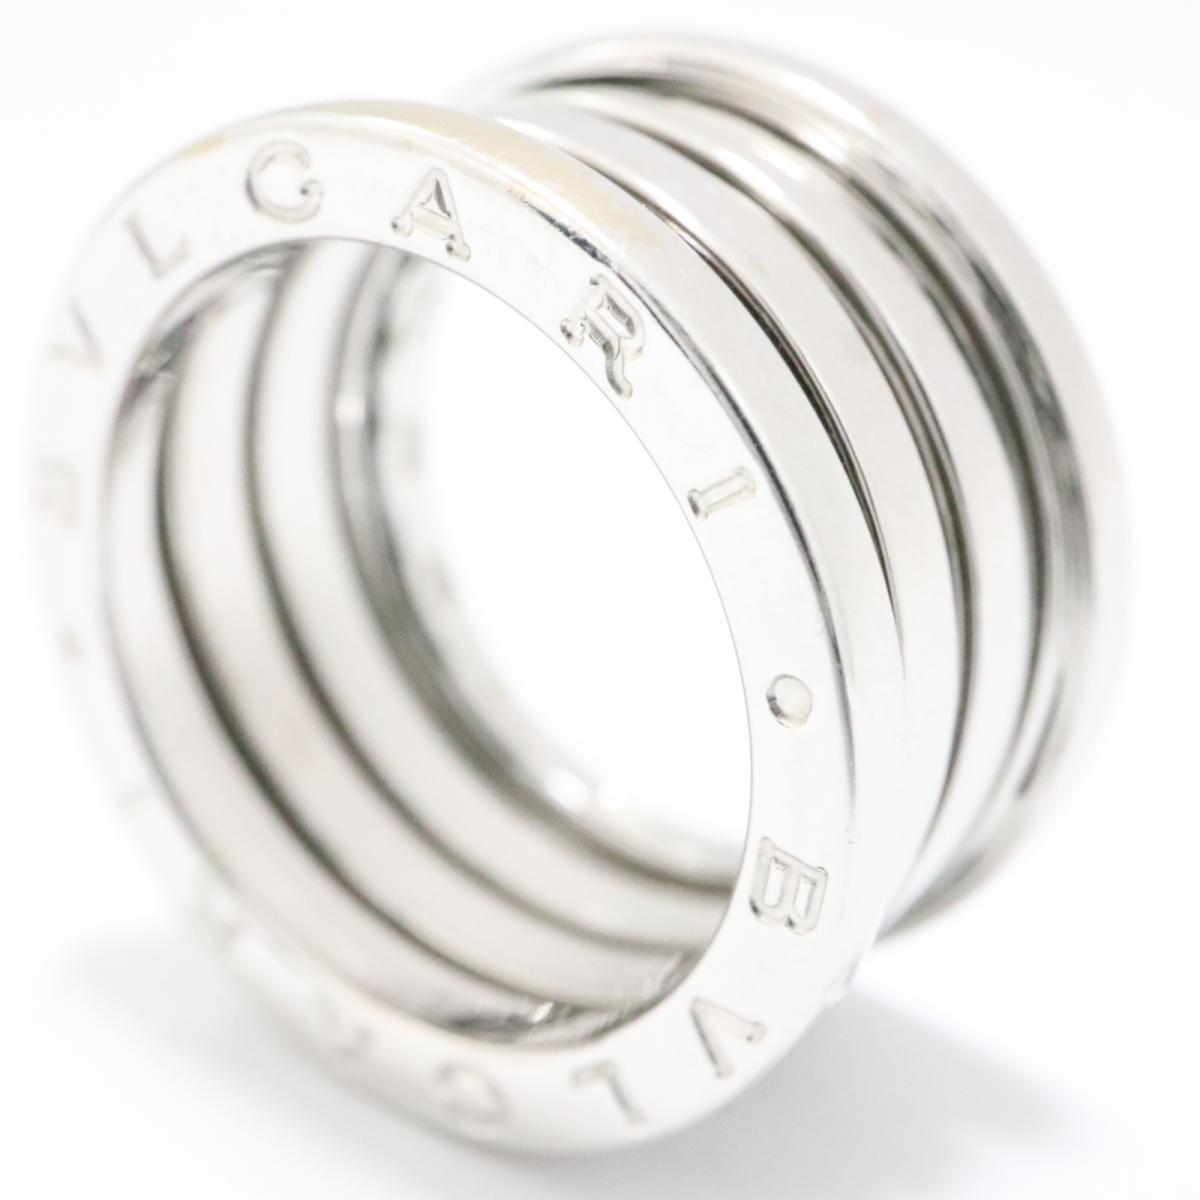 0809001294a8 ... ブルガリB-zero1リングMサイズ指輪ブランドジュエリーユニセックスK18WG( ...